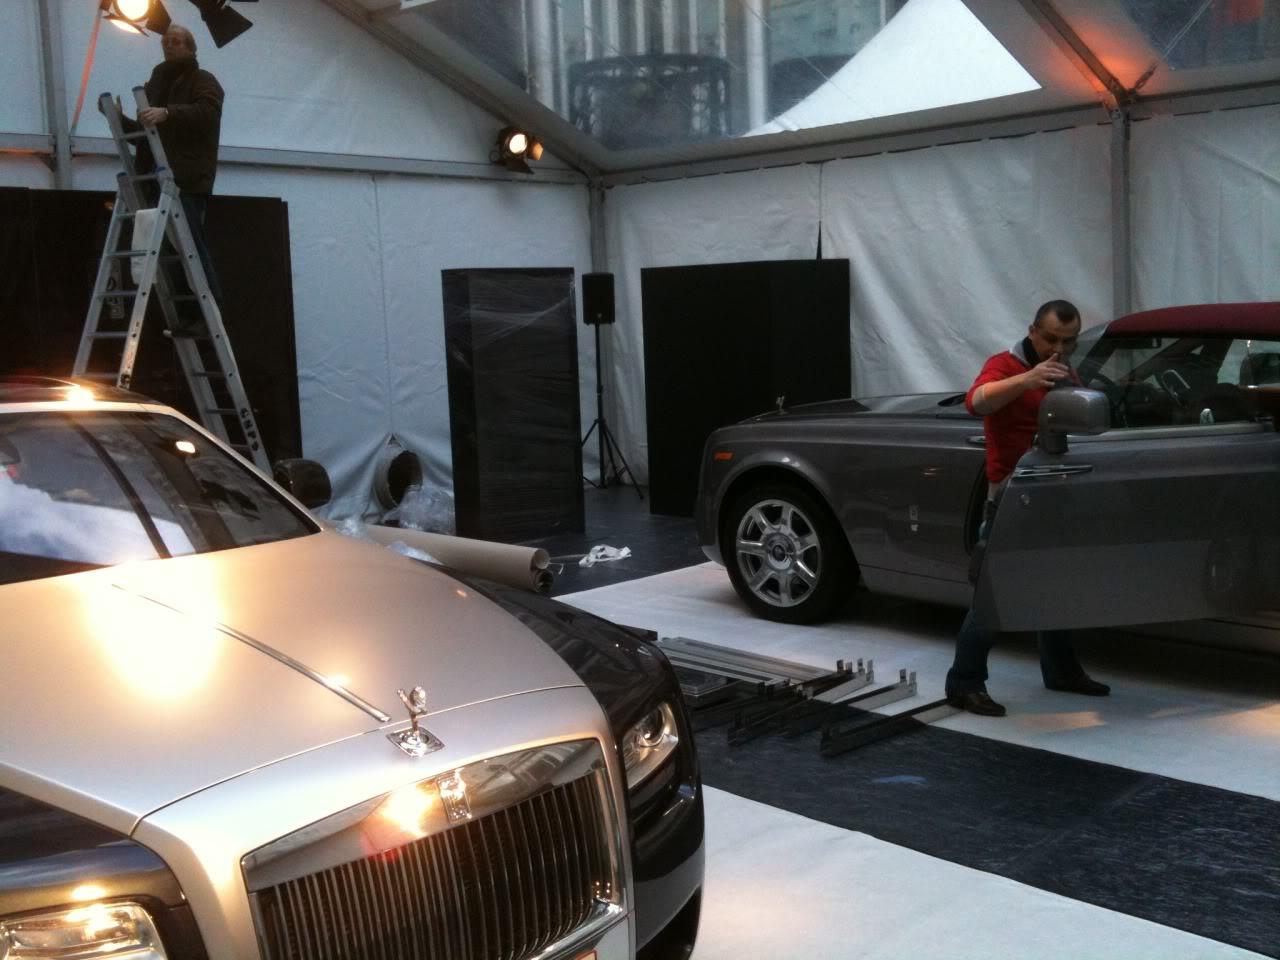 corum - CR Evénement Corum & Rolls-Royce à Bruxelles 25/11 - PHOTOS CORUM-EVENT-13